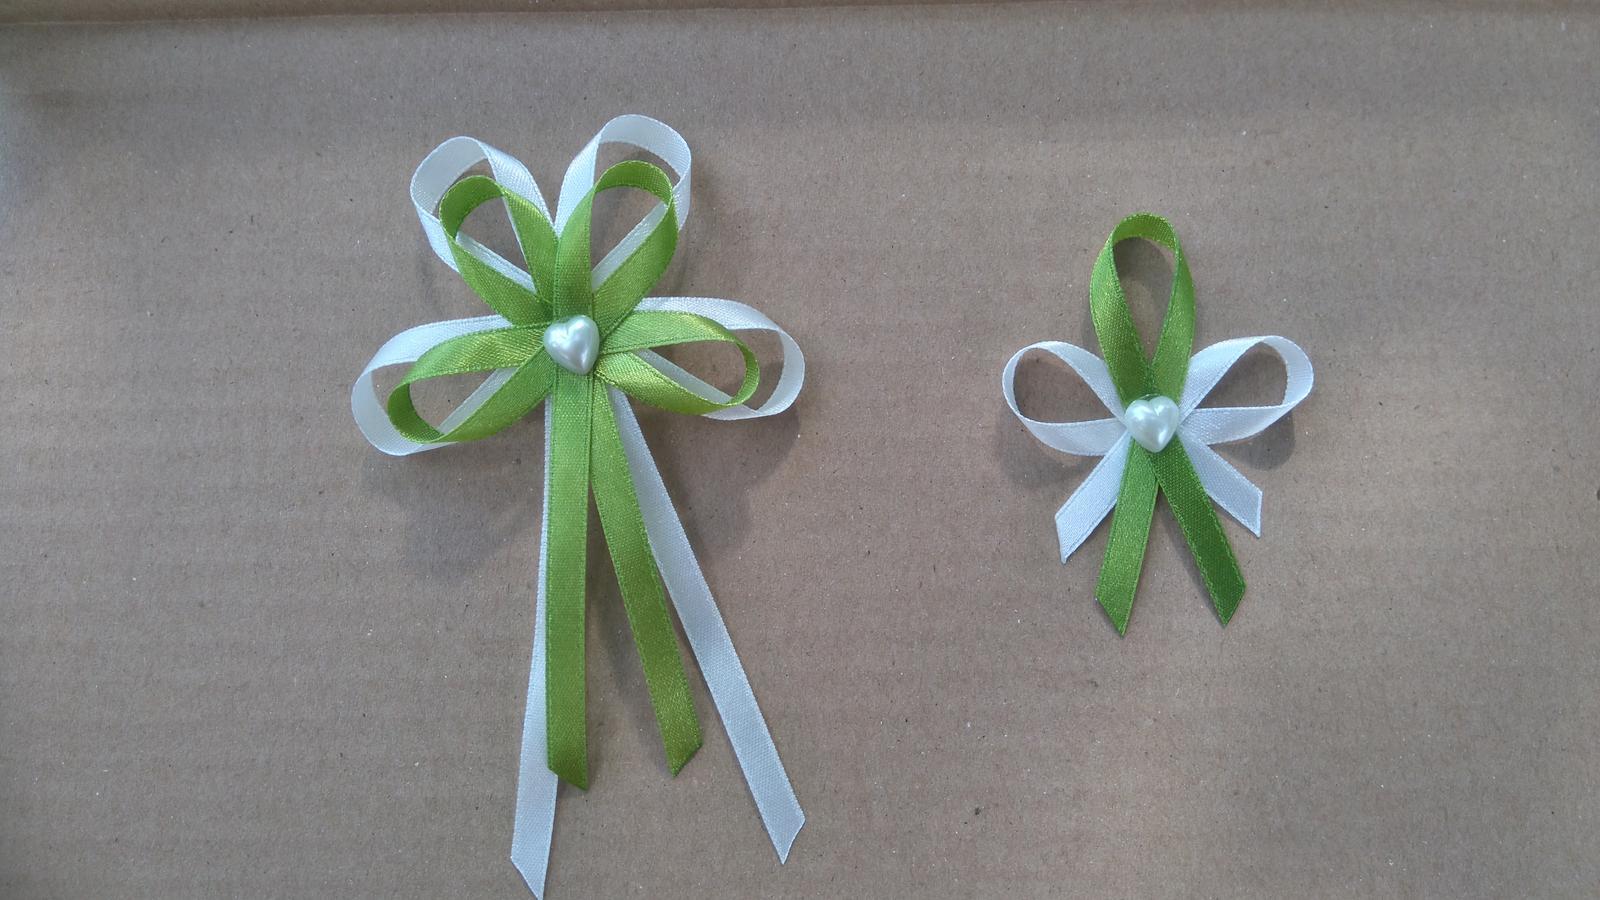 svadobne pierka olivovozelena a biela - Obrázok č. 1